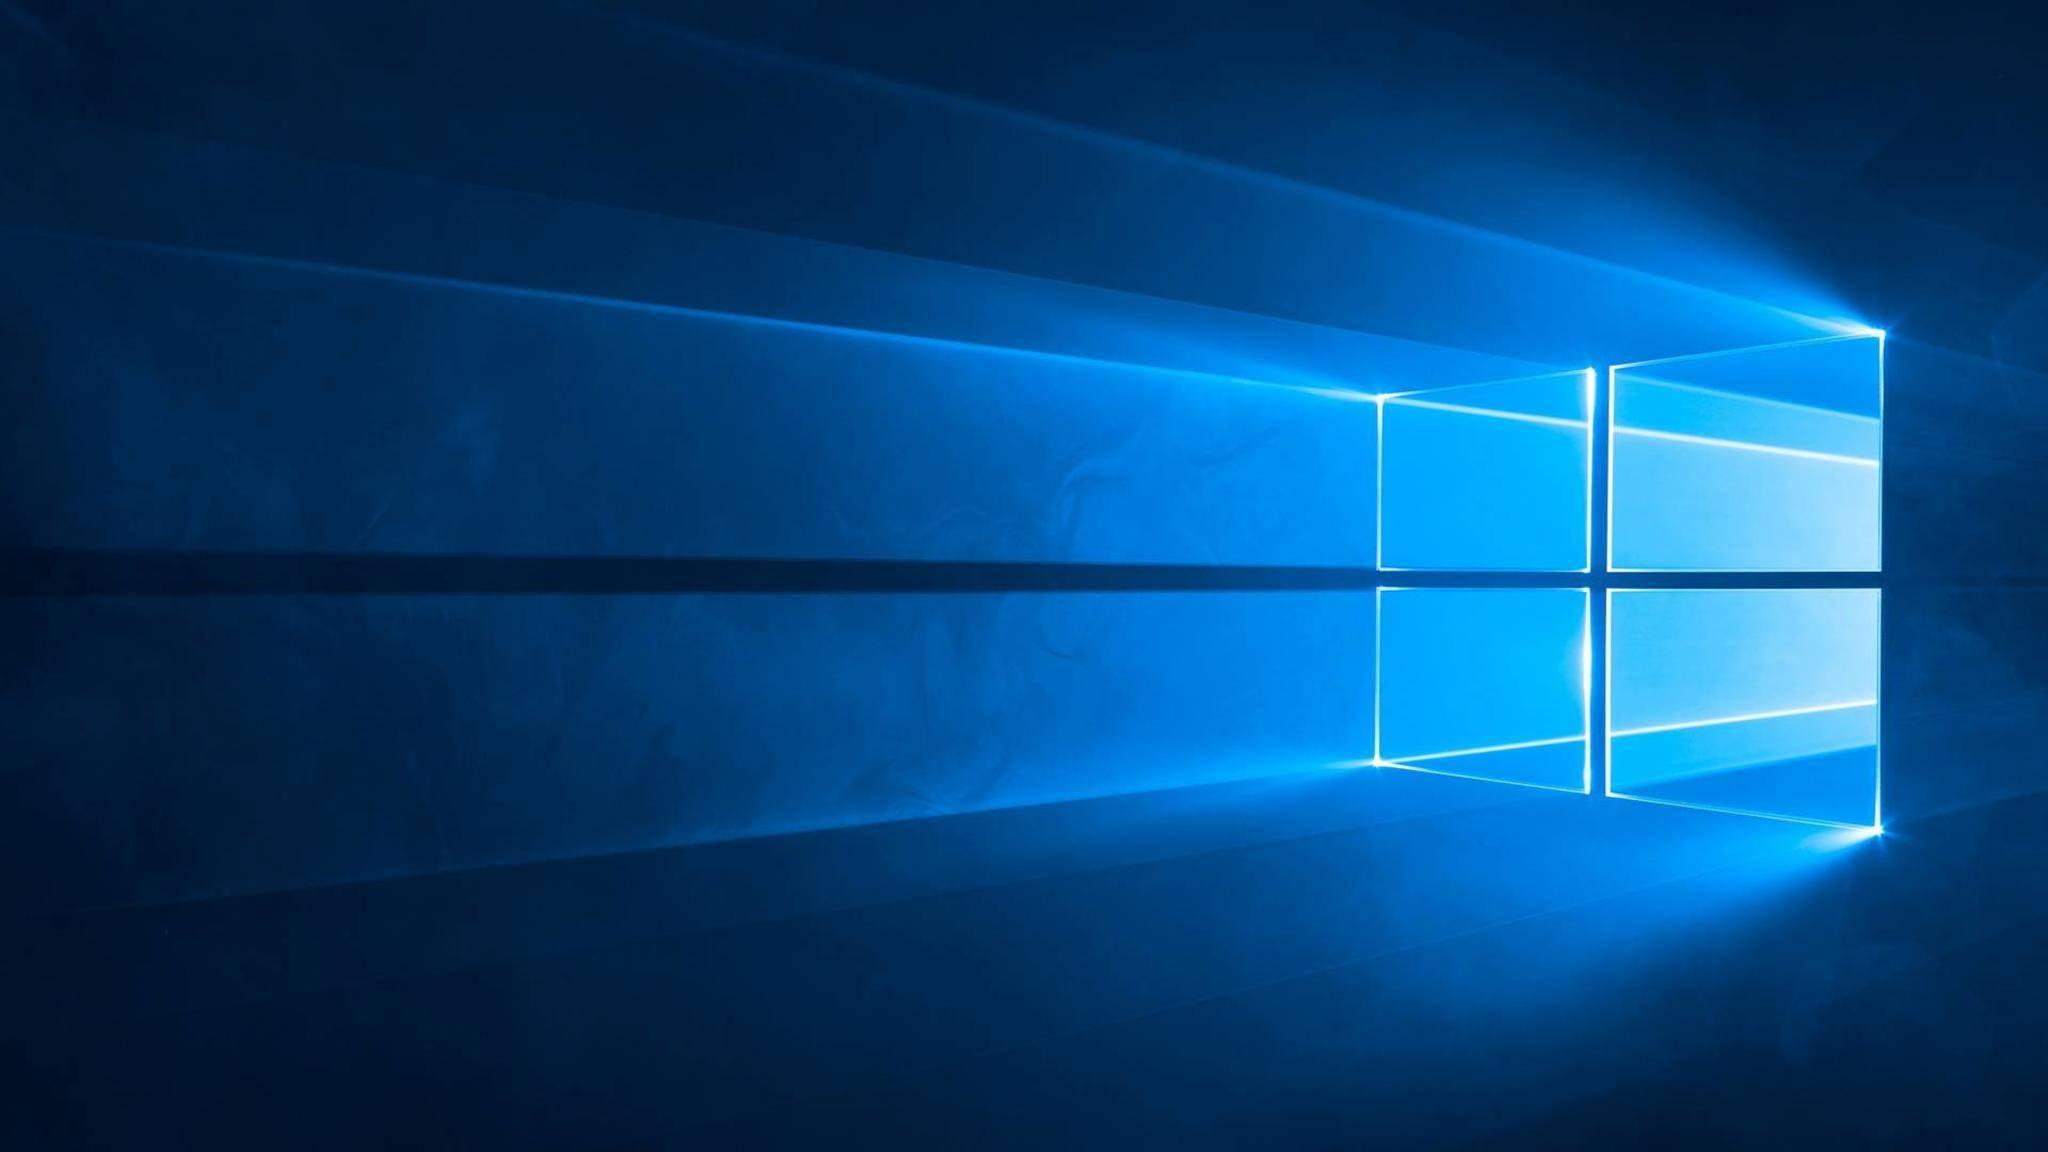 Das Windows 10 Creators Update wird seit dem 11. April verteilt.